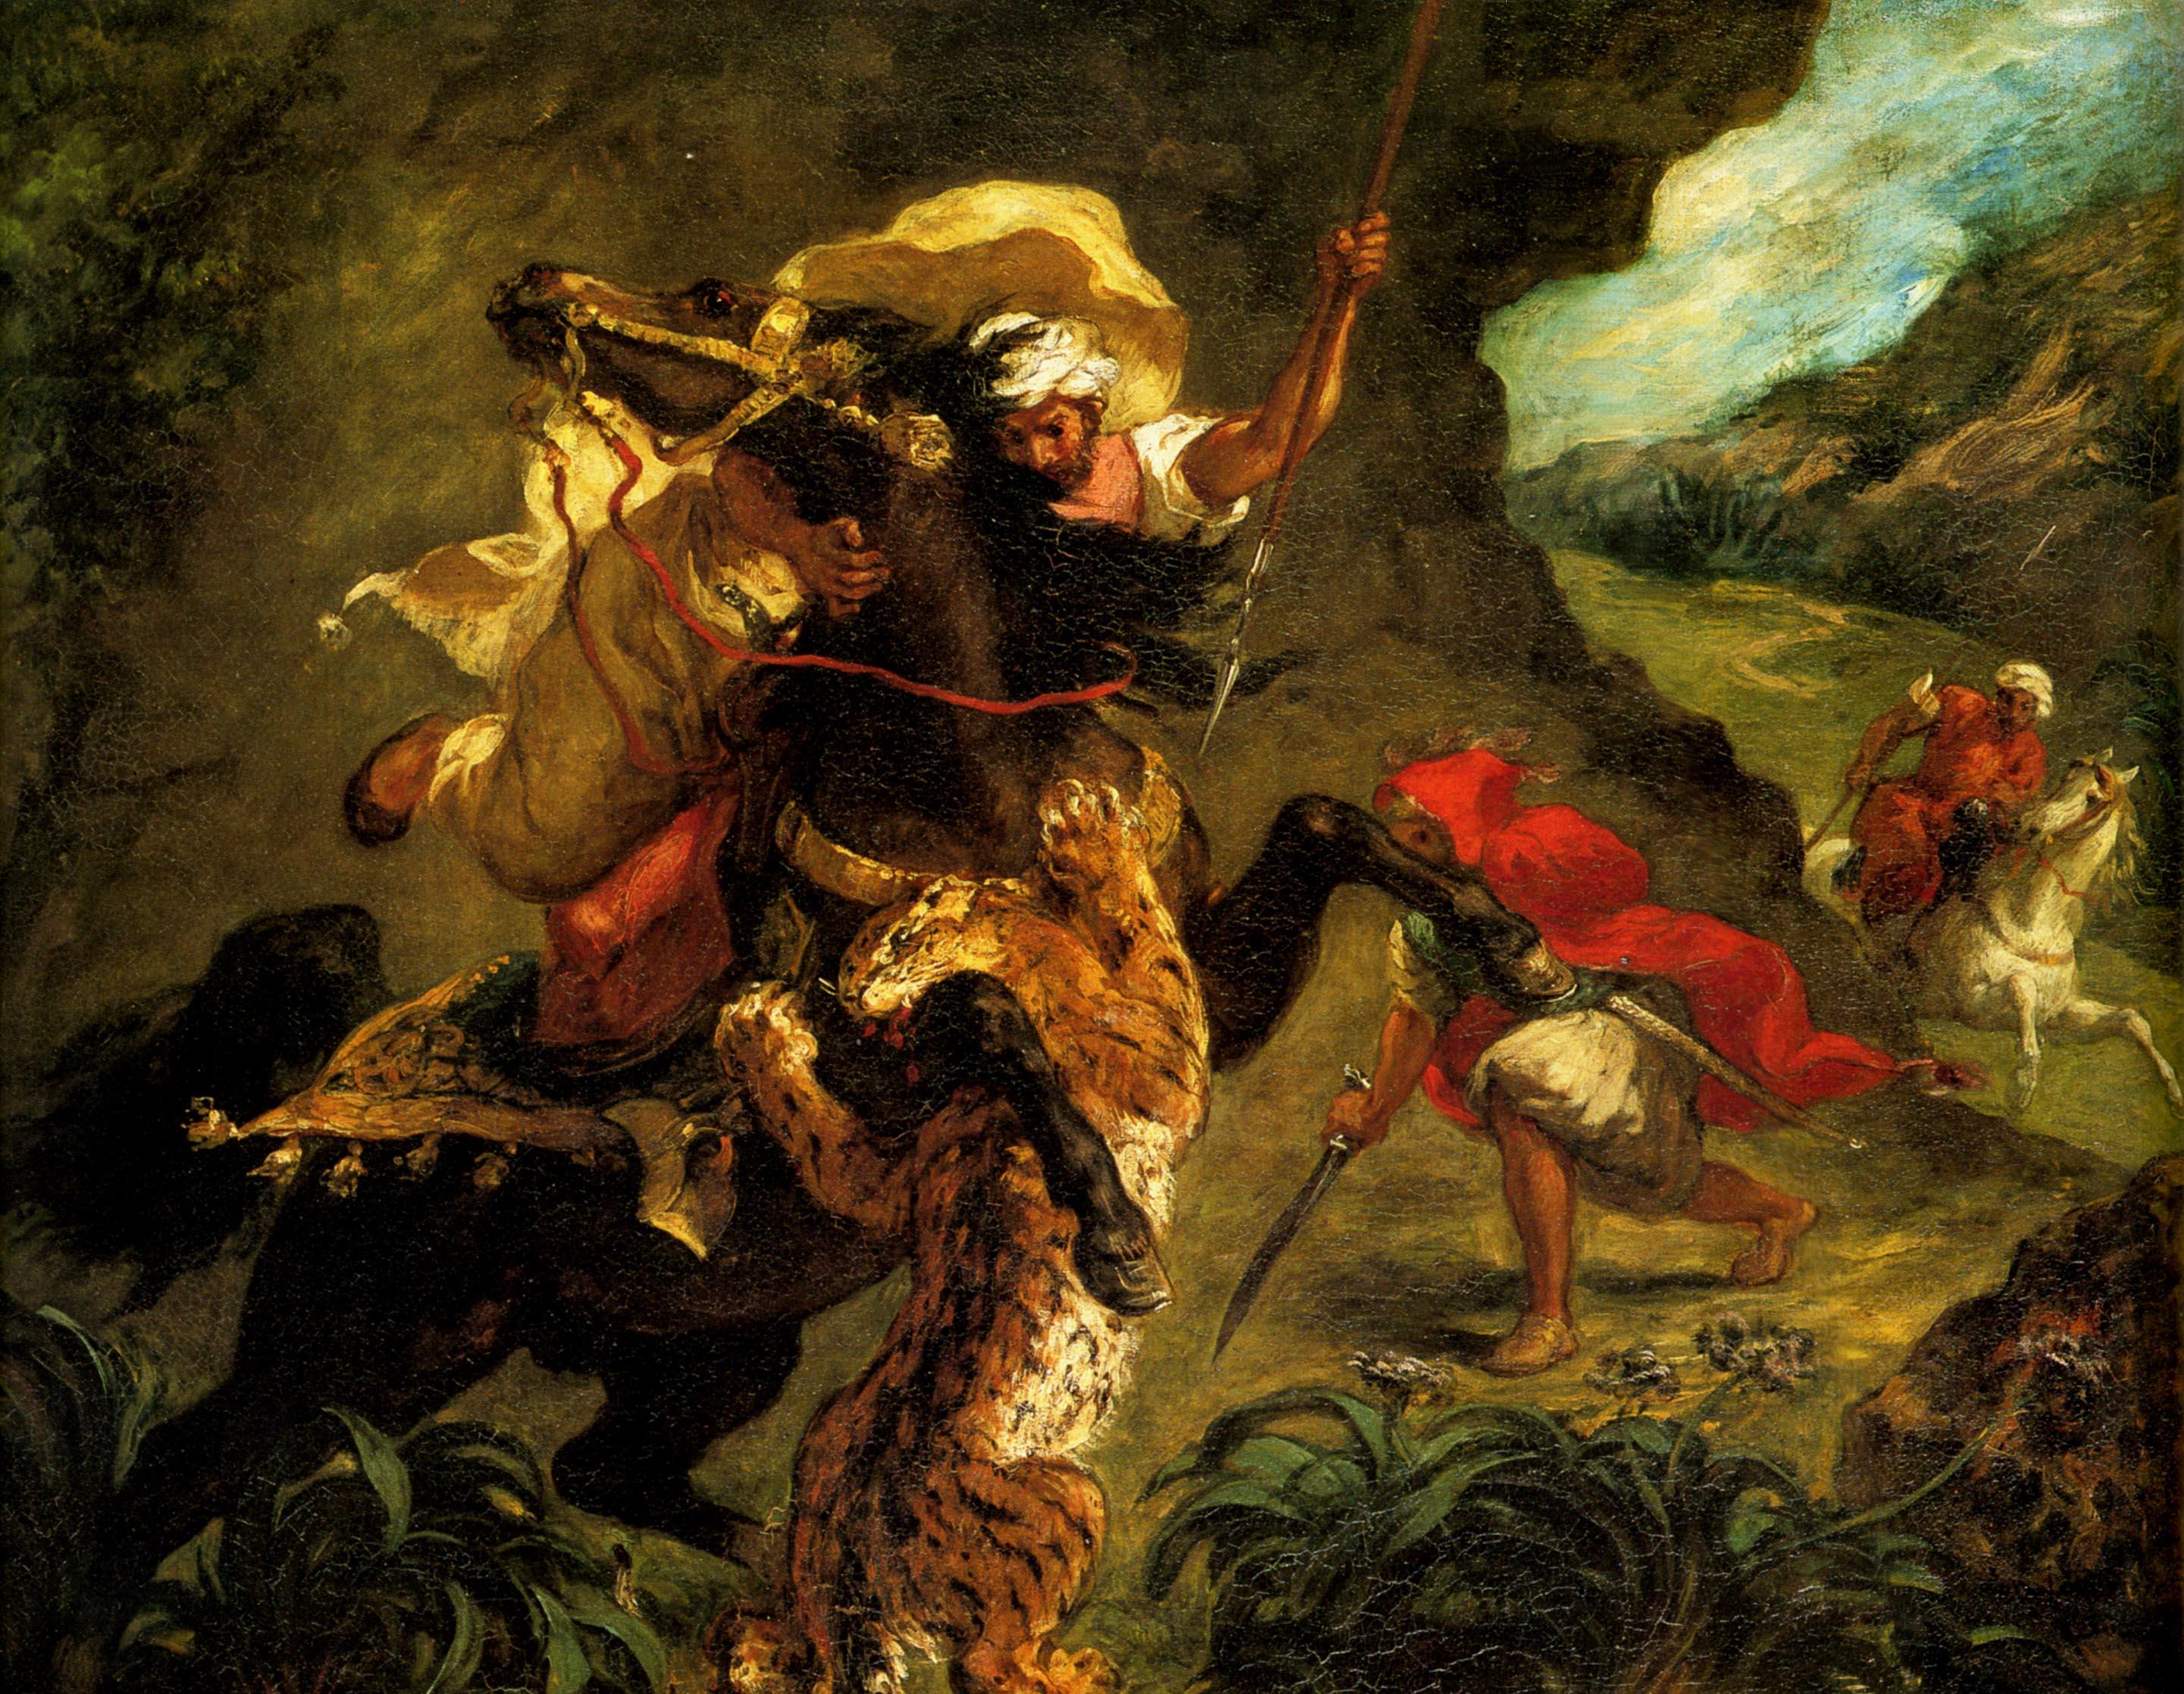 охота на львов в марокко картинки ничего